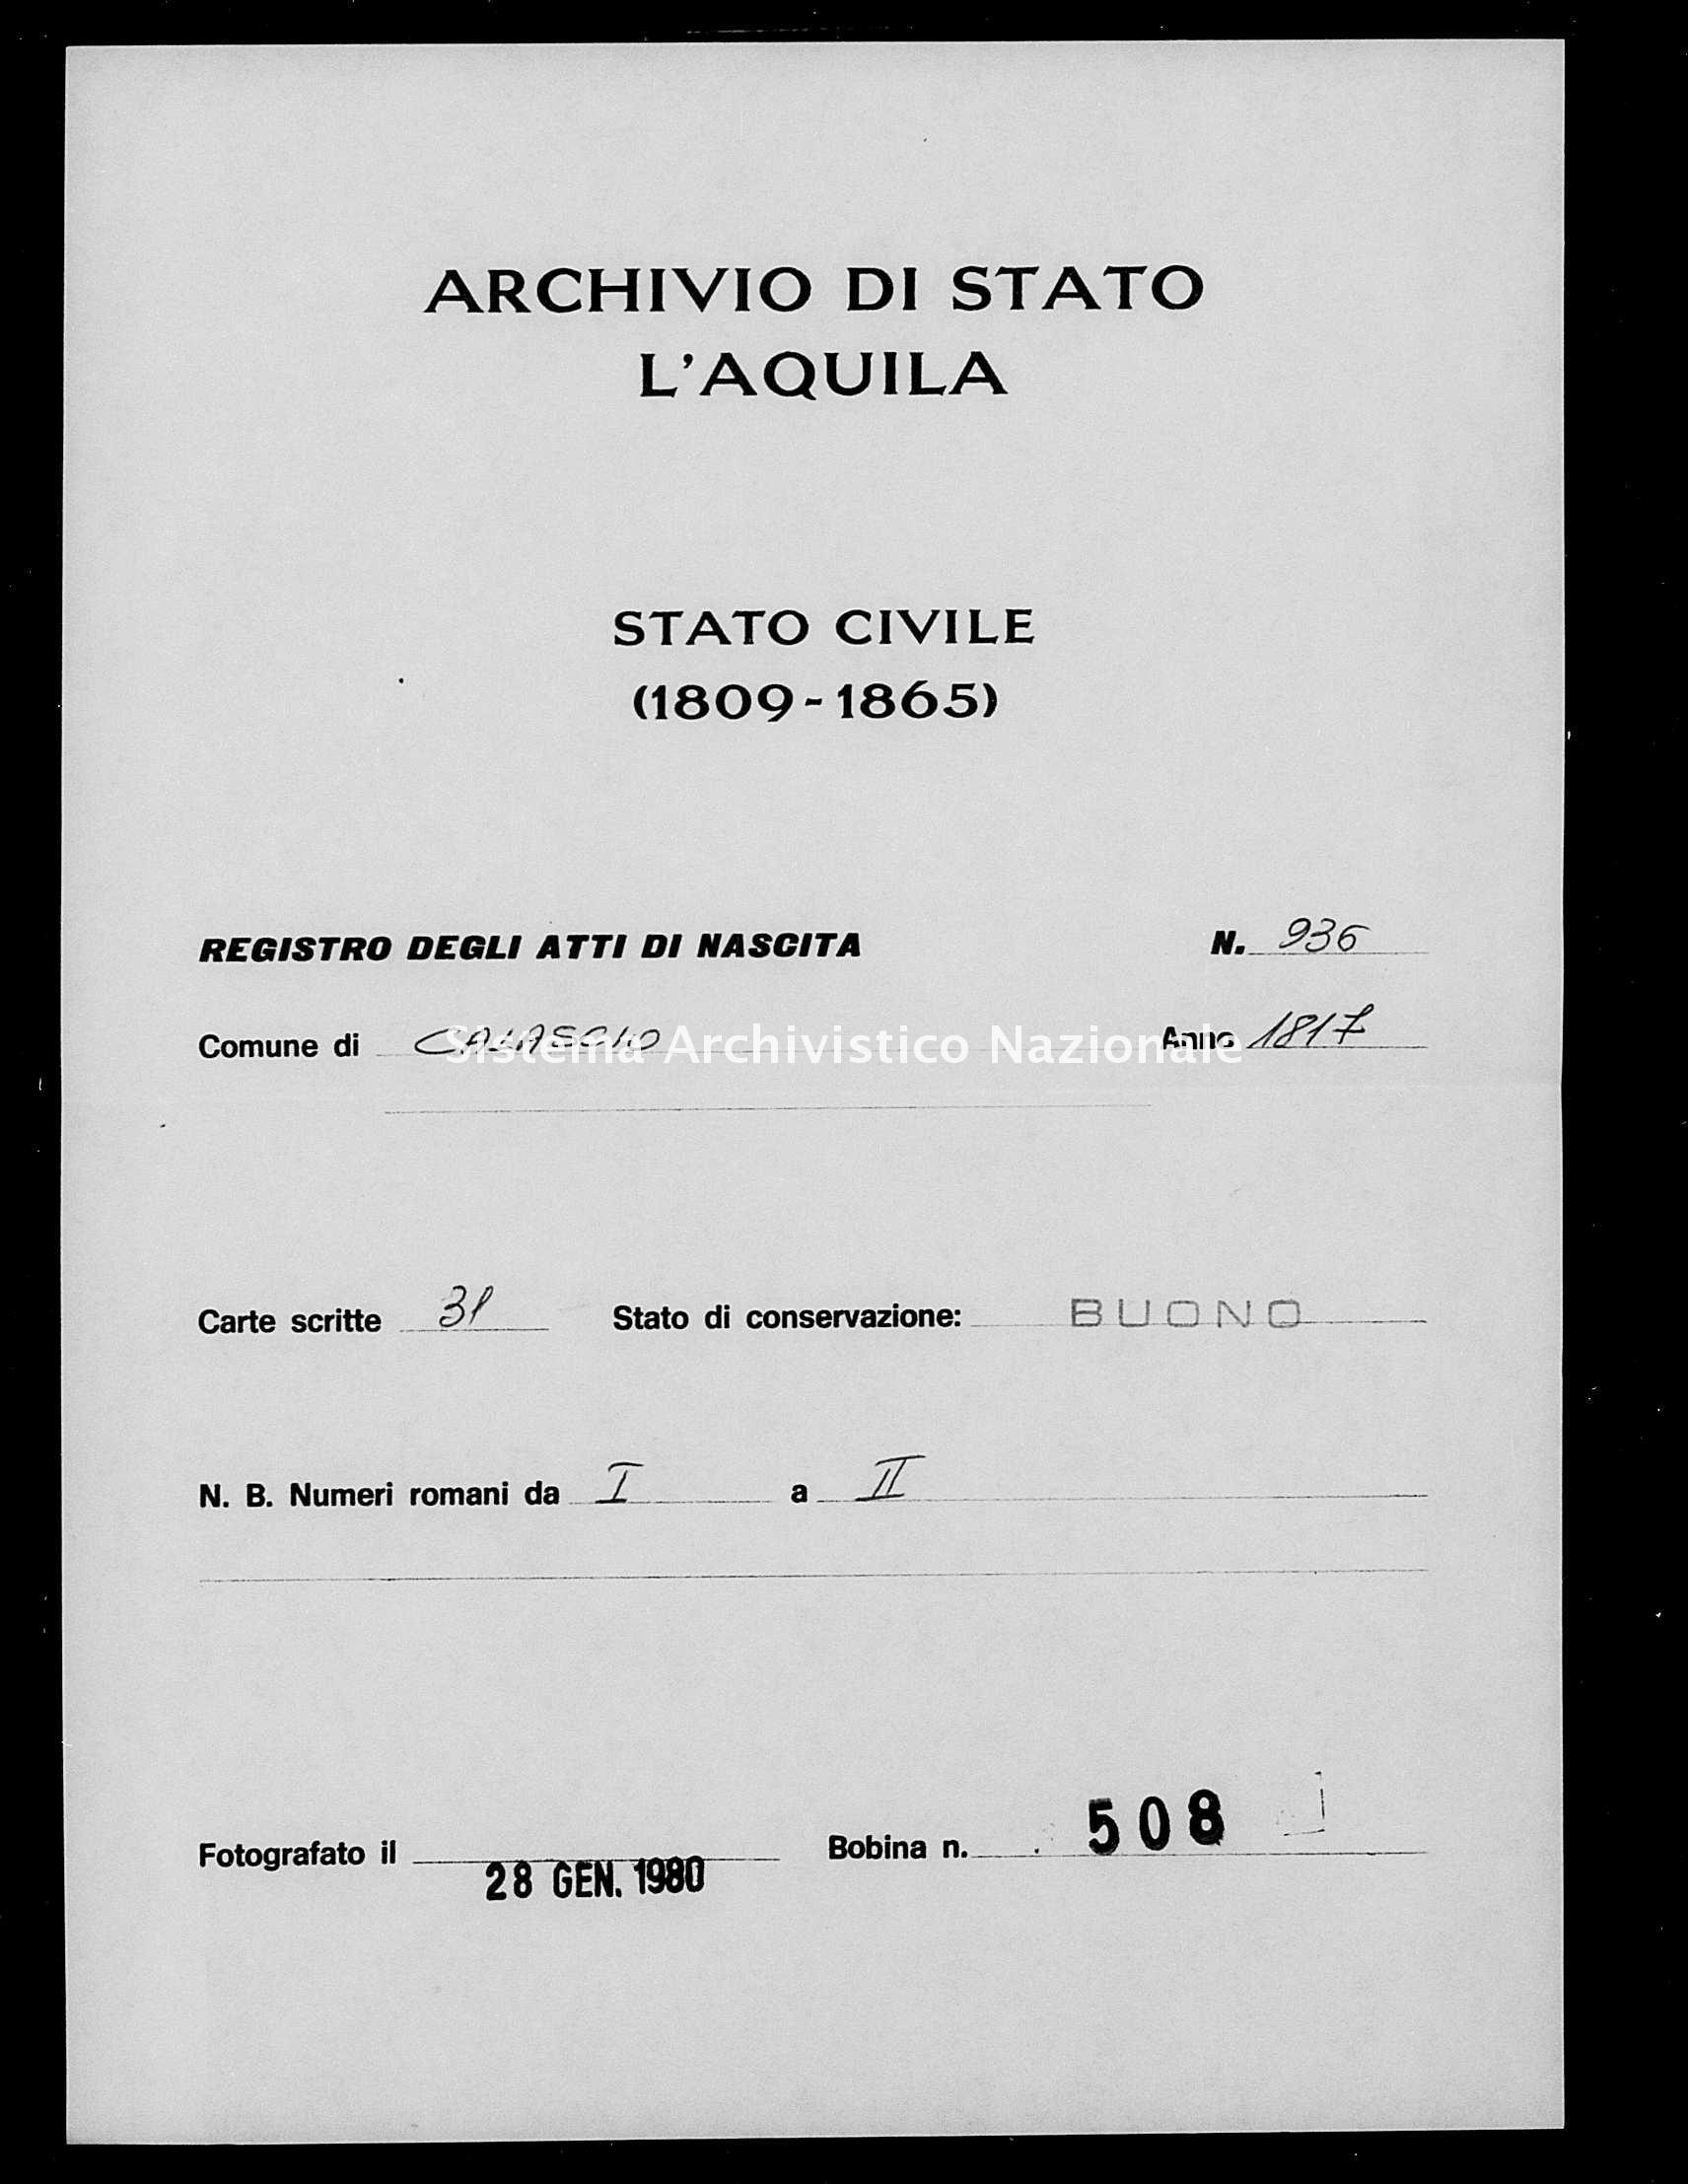 Archivio di stato di L'aquila - Stato civile della restaurazione - Calascio - Nati - 1817 - 936 -